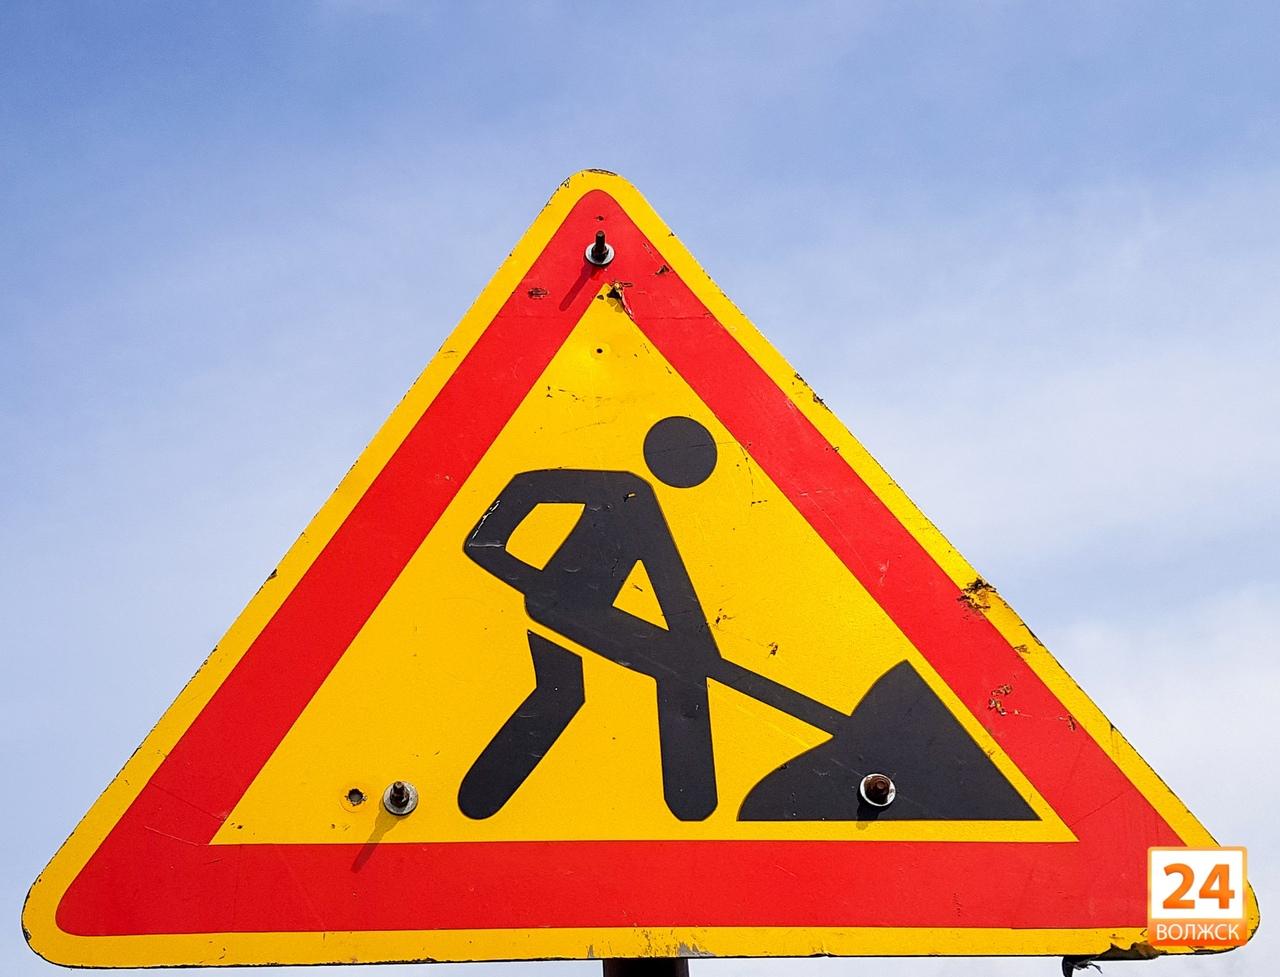 В Волжске до 1 сентября будет закрыта автодорога по ул. Шевченко, ведущая на Машиностроитель